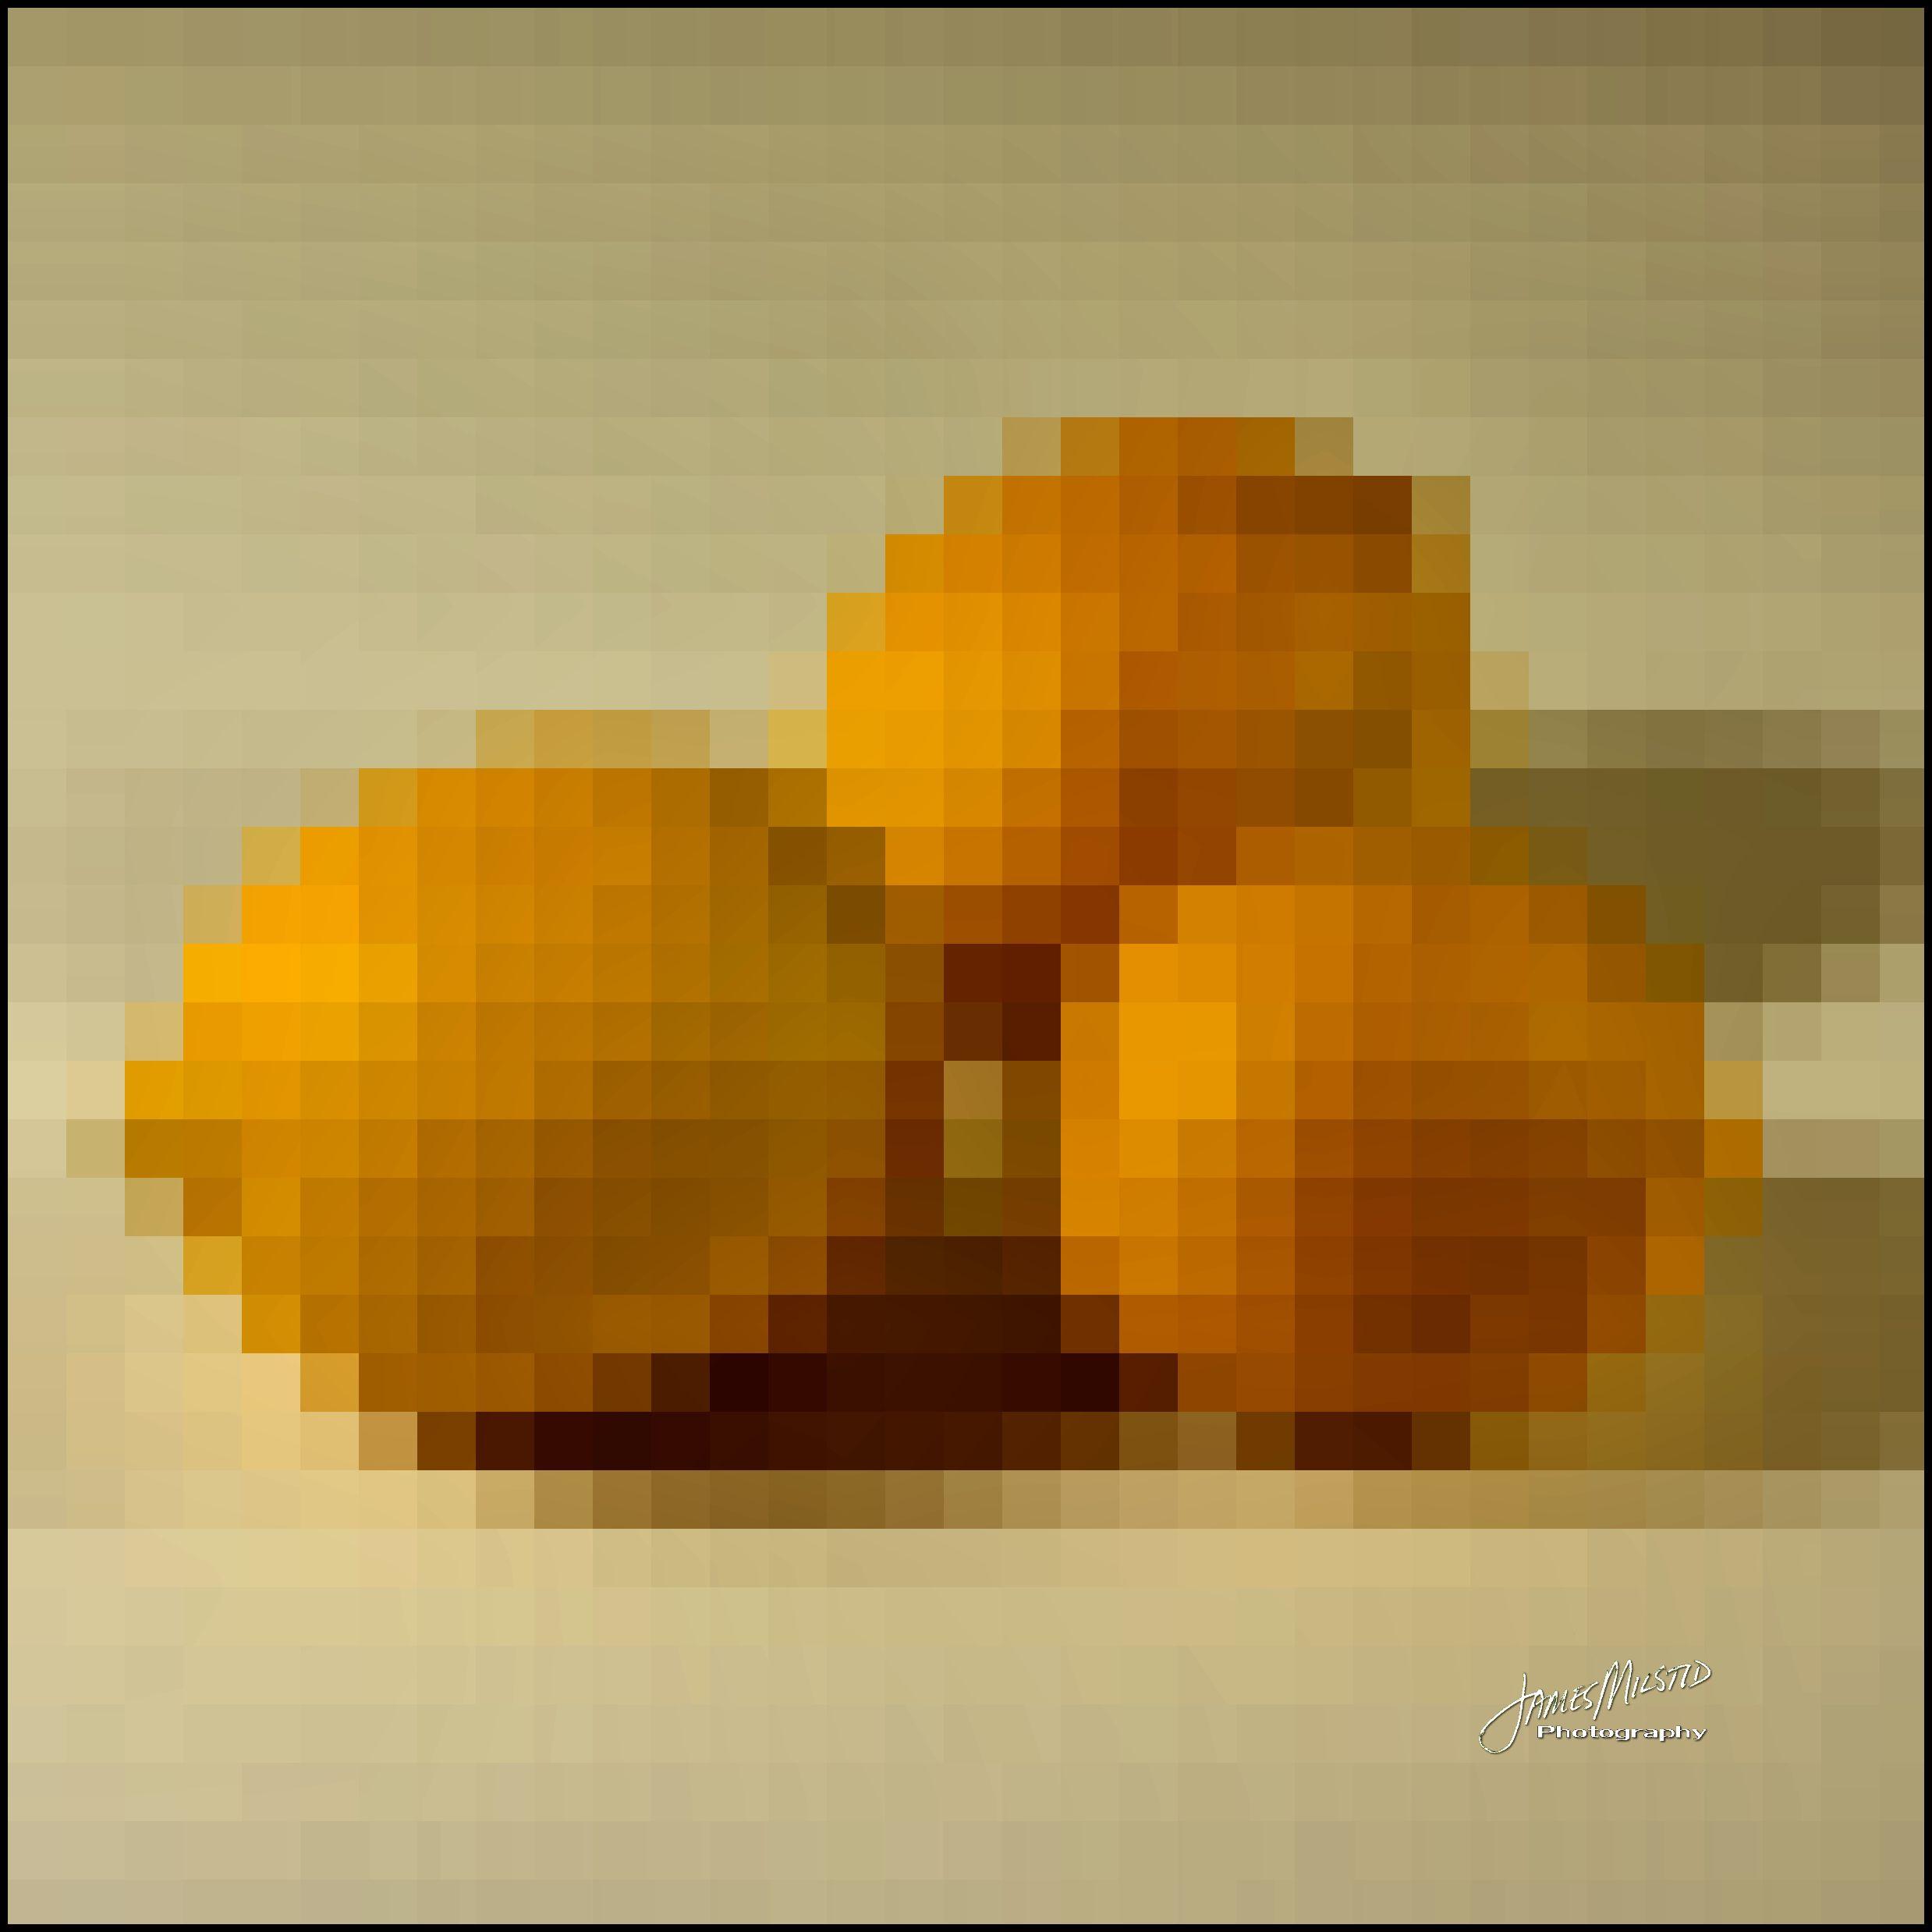 Lemon Pixels - by James Milstid